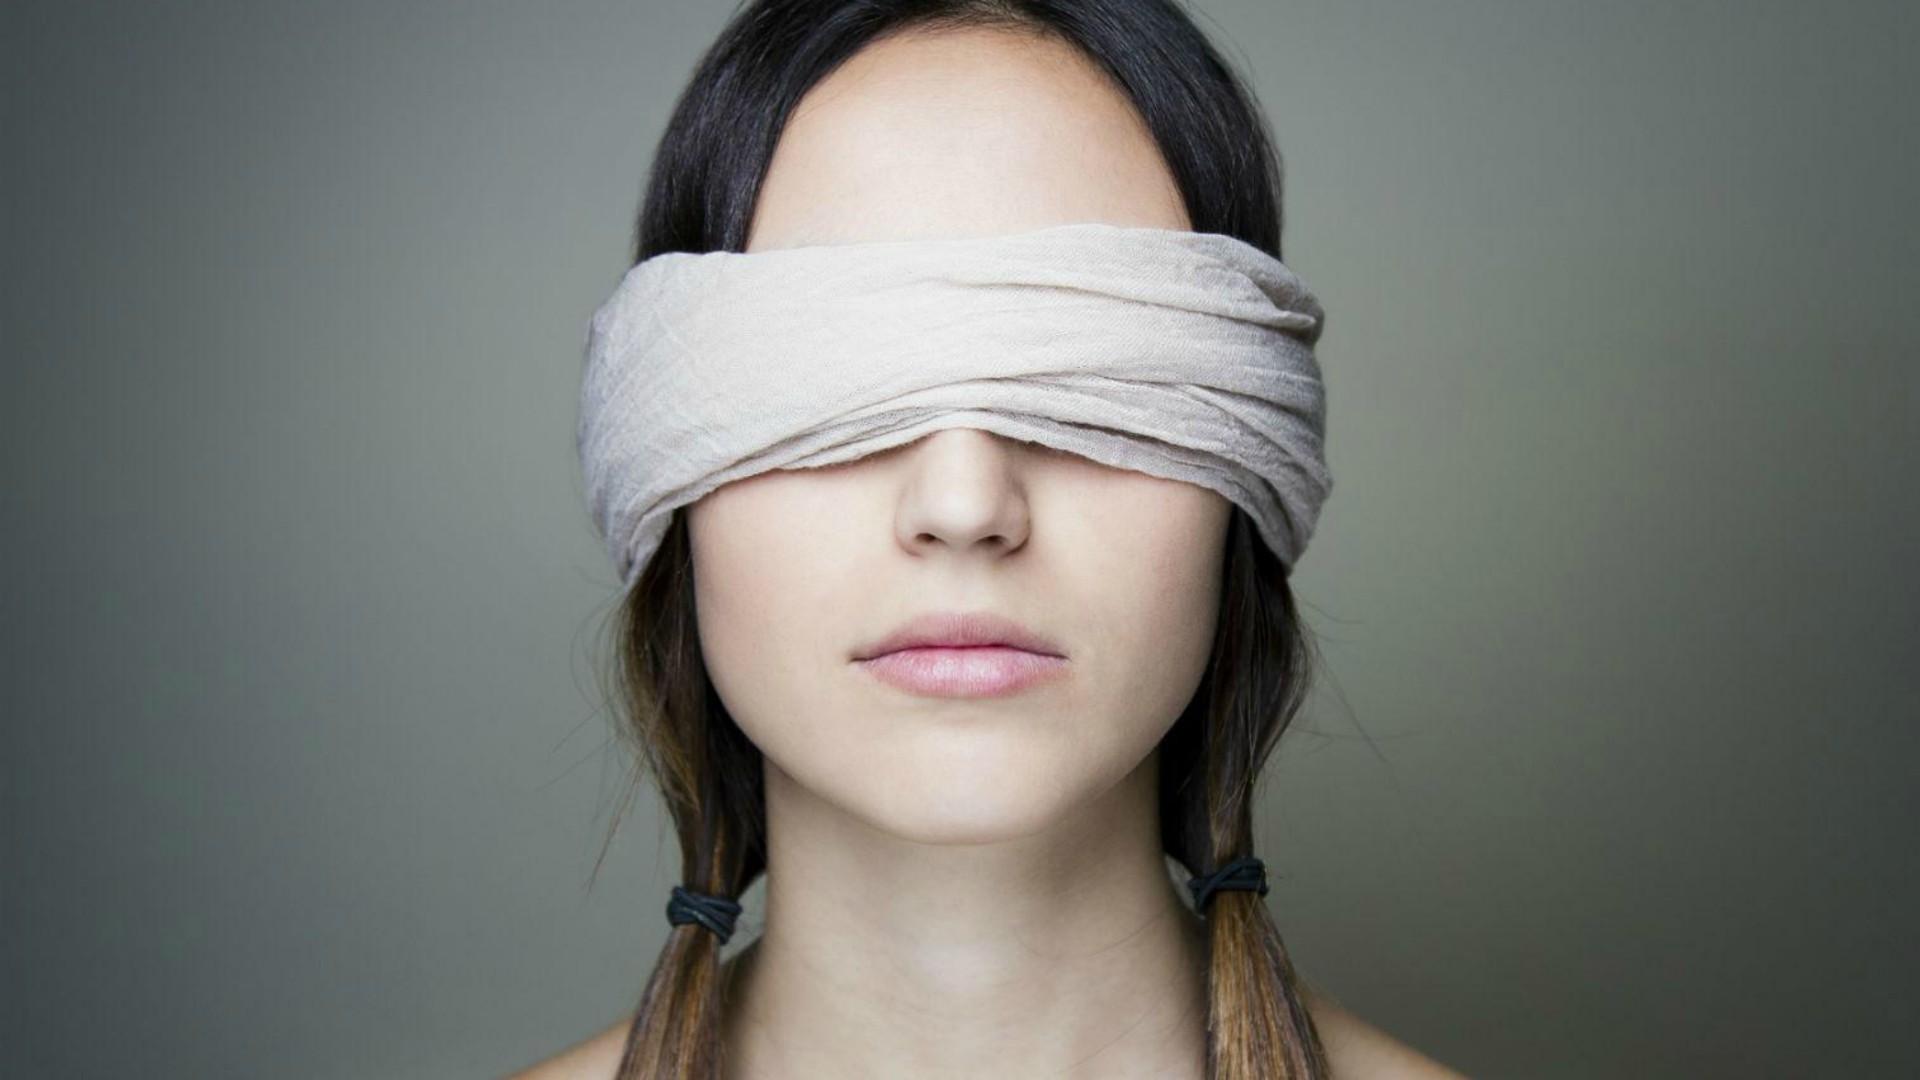 что долю картинки девушек с завязанными повязкой если заказать приват